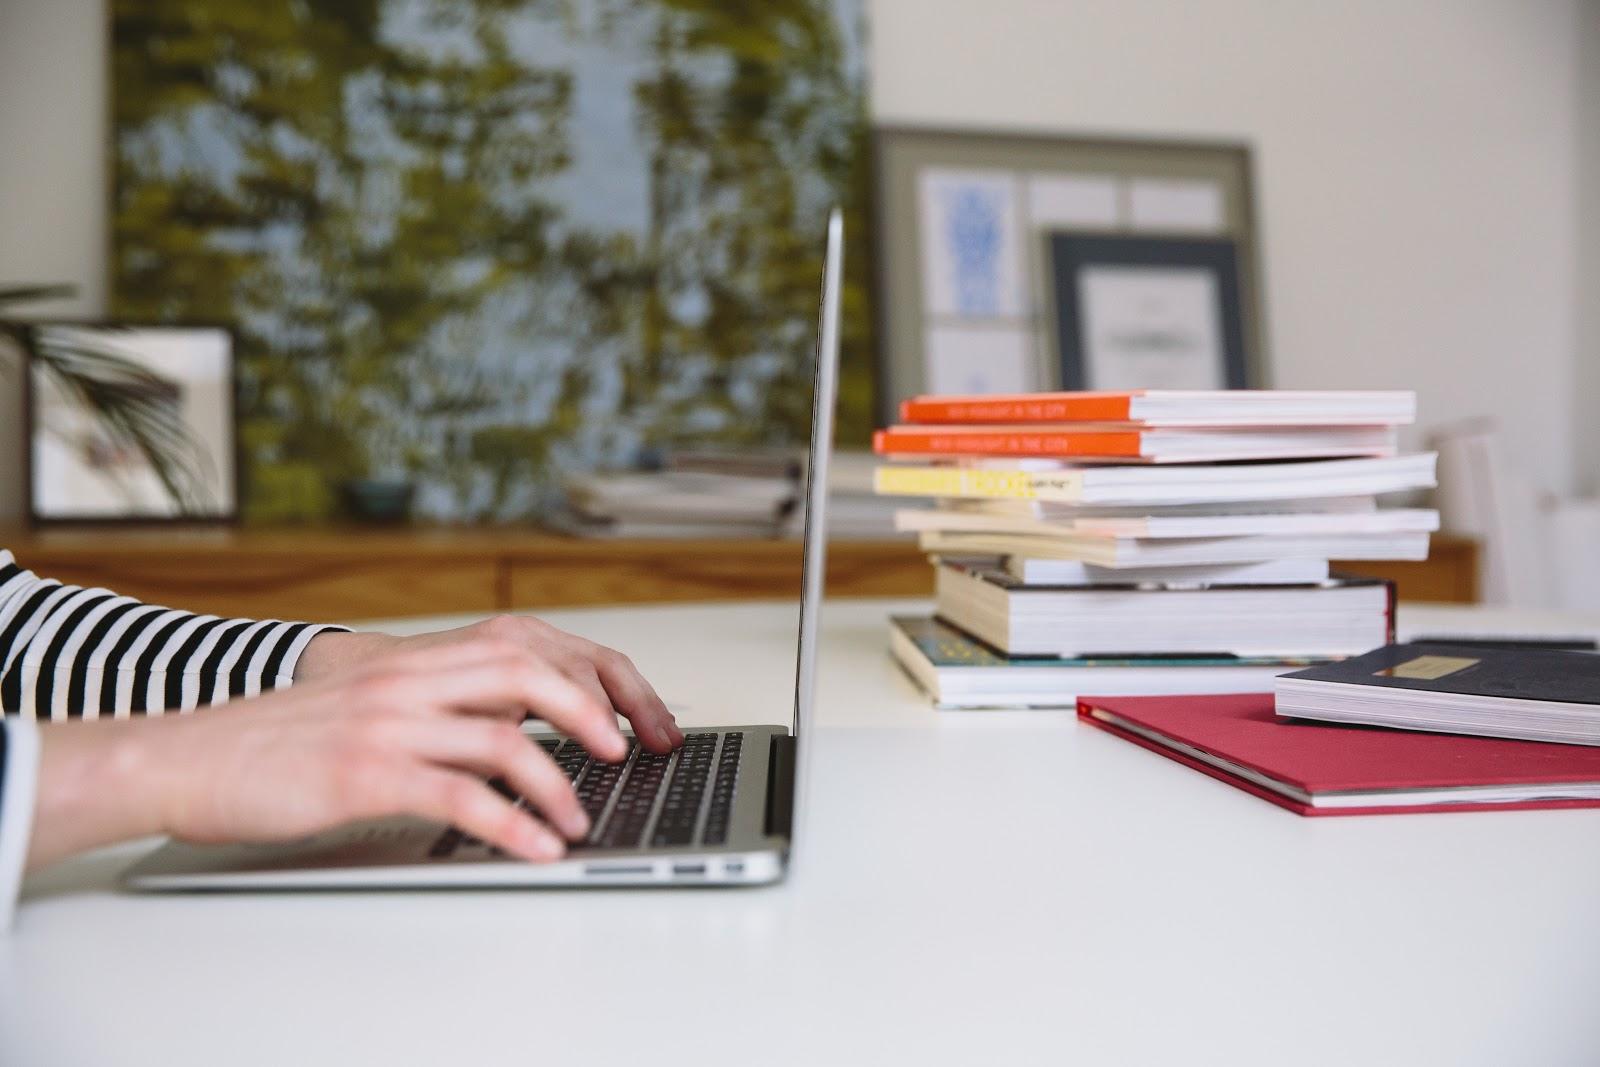 วิจัยเชิงคุณภาพ_งานวิจัยเชิงคุณภาพ_การวิเคราะห์งานวิจัยเชิงคุณภาพ_การทำงานวิจัย_งานวิจัย_ทำงานวิจัย_เคล็ดลับการทำงานวิจัย_บริการงานวิจัย_บริการรับทำวิจัย_บริการรับทำวิจัย.com_เทคนิคทำงานวิจัย_ปัญหางานวิจัย_ข้อผิดพลาดในการทำวิจัย_กำหนดปัญหางานวิจัย_การเลือกหัวข้องานวิจัย_การวิเคราะห์สถิติ_วิเคราะห์ข้อมูลสถิติ_การวิเคราะห์ข้อมูล_บทความวิชาการ_การเขียนบทความวิชาการ_อาจารย์ที่ปรึกษาวิจัย_อาจารย์ที่ปรึกษา ปัญหา_อาจารย์ที่ปรึกวิจัย